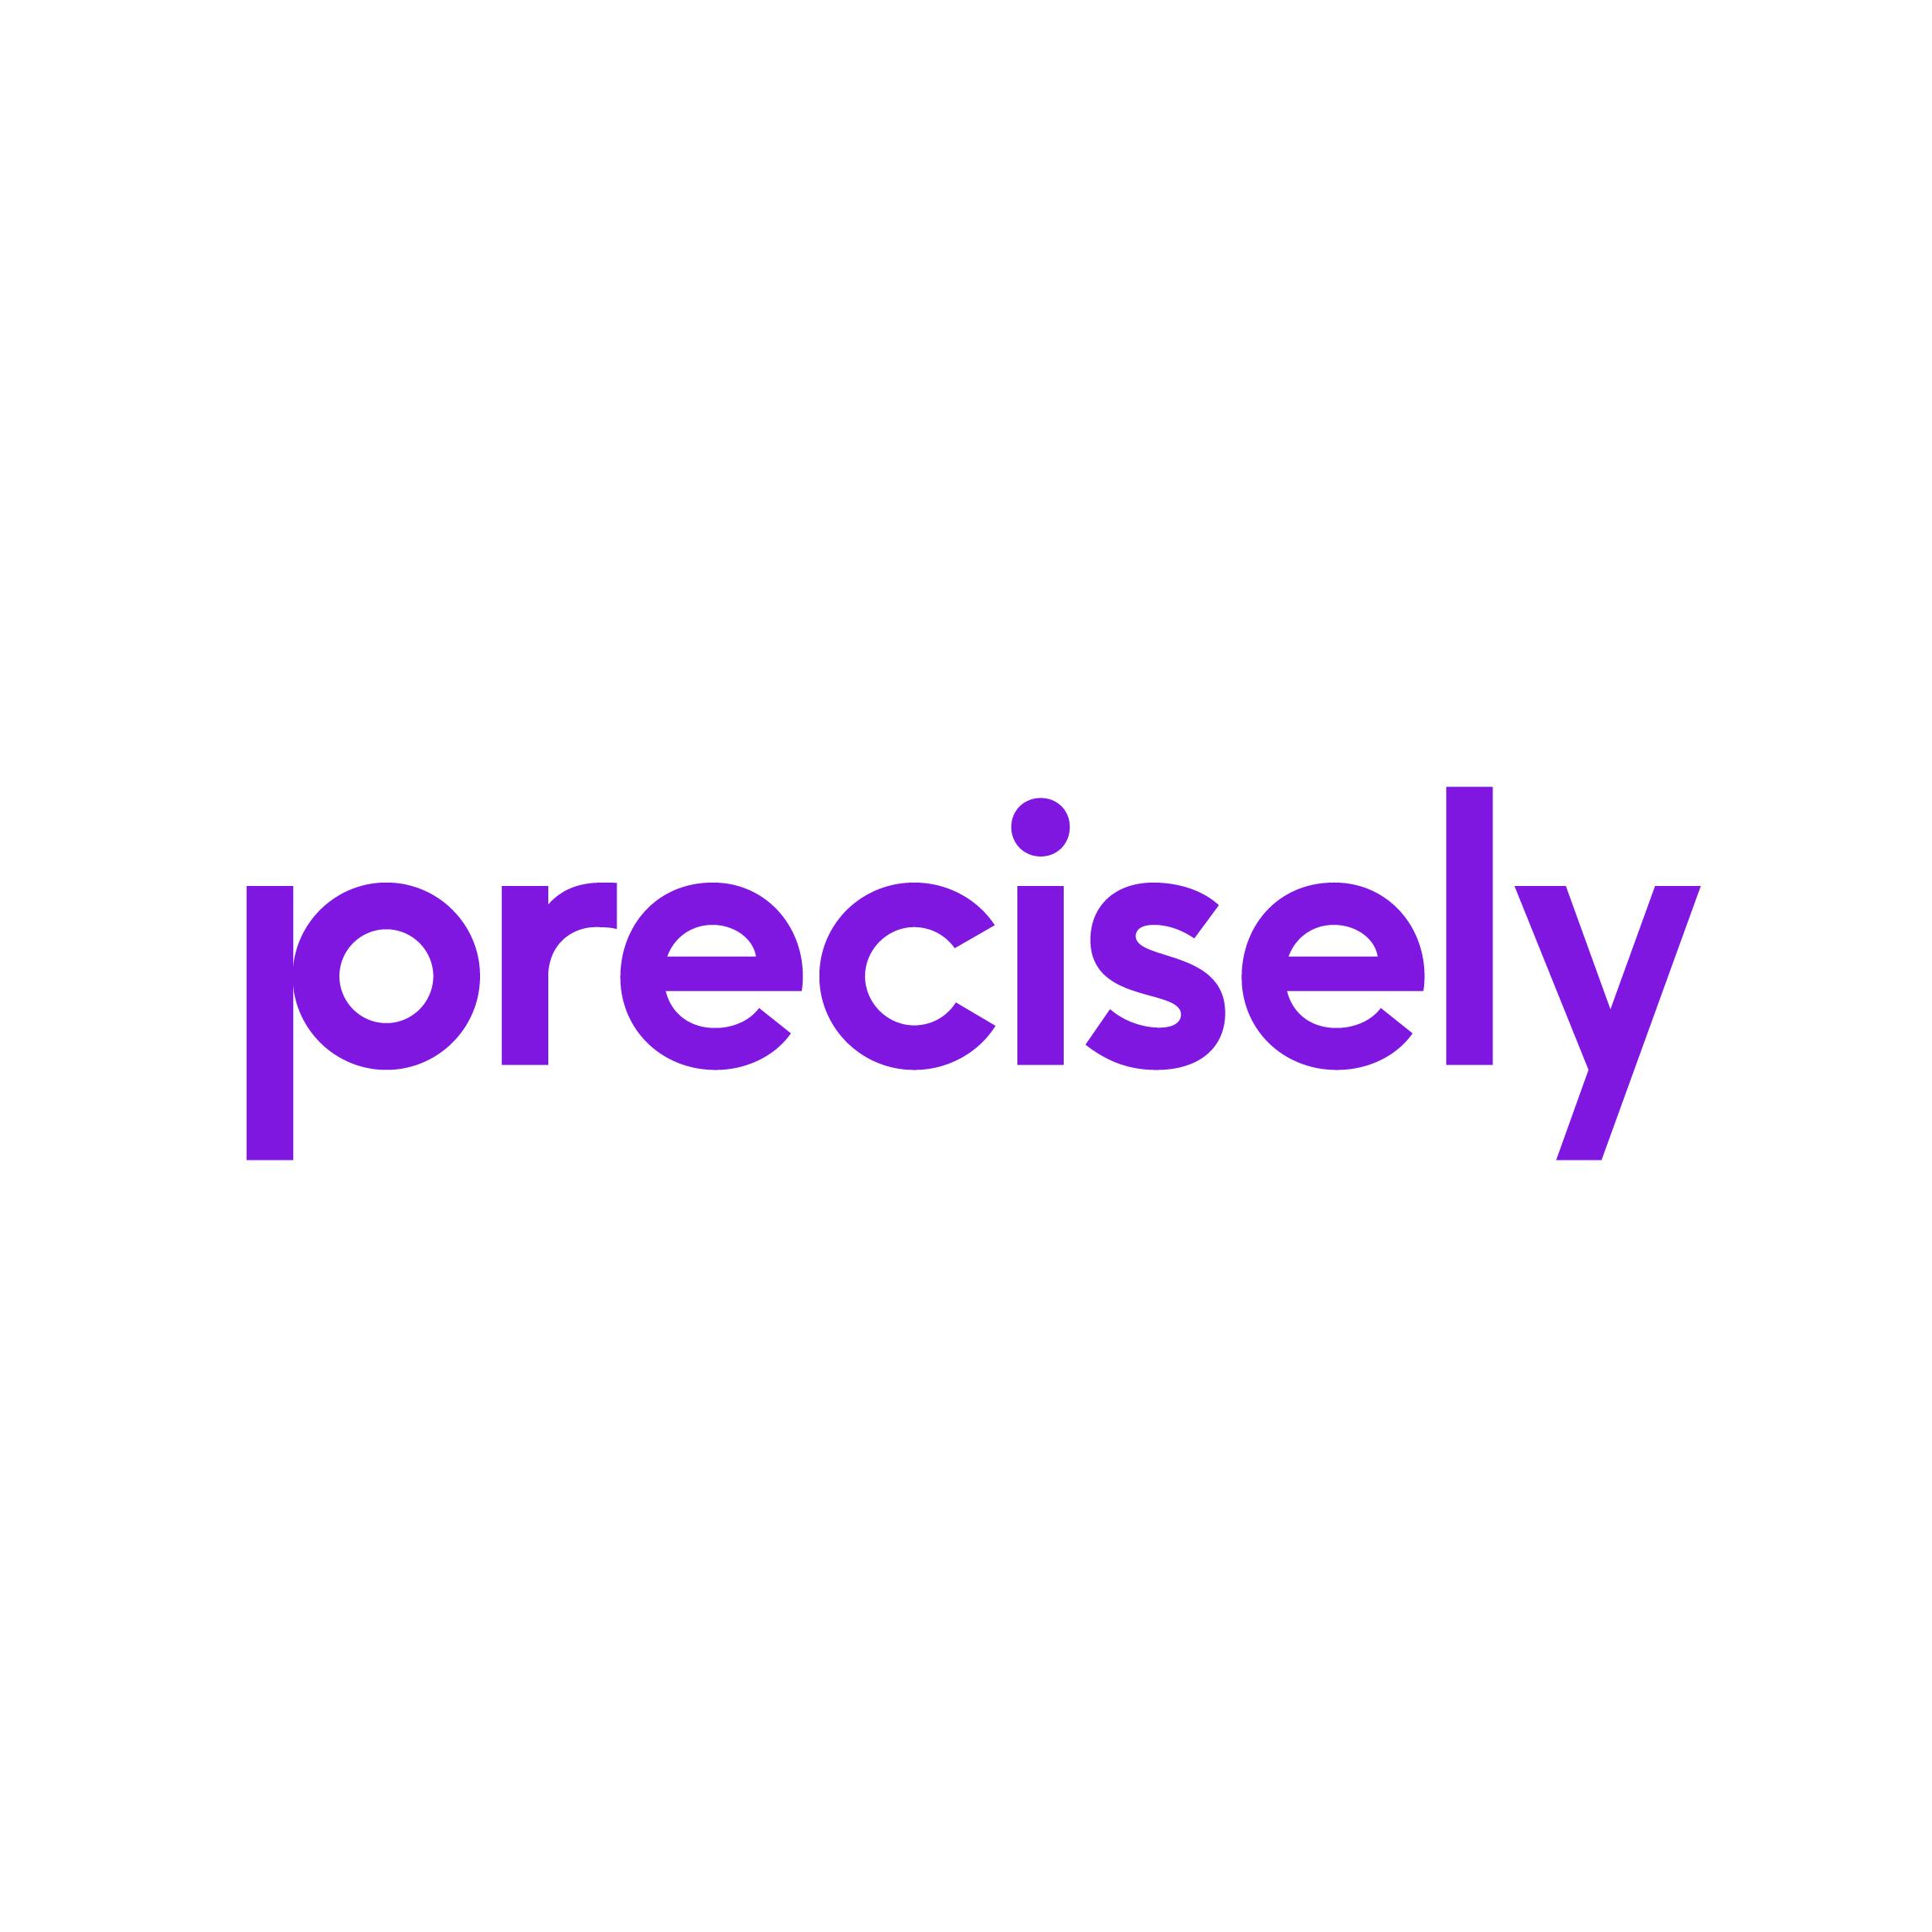 Partner: Precisely_wordmark_rgb_purple.jpg